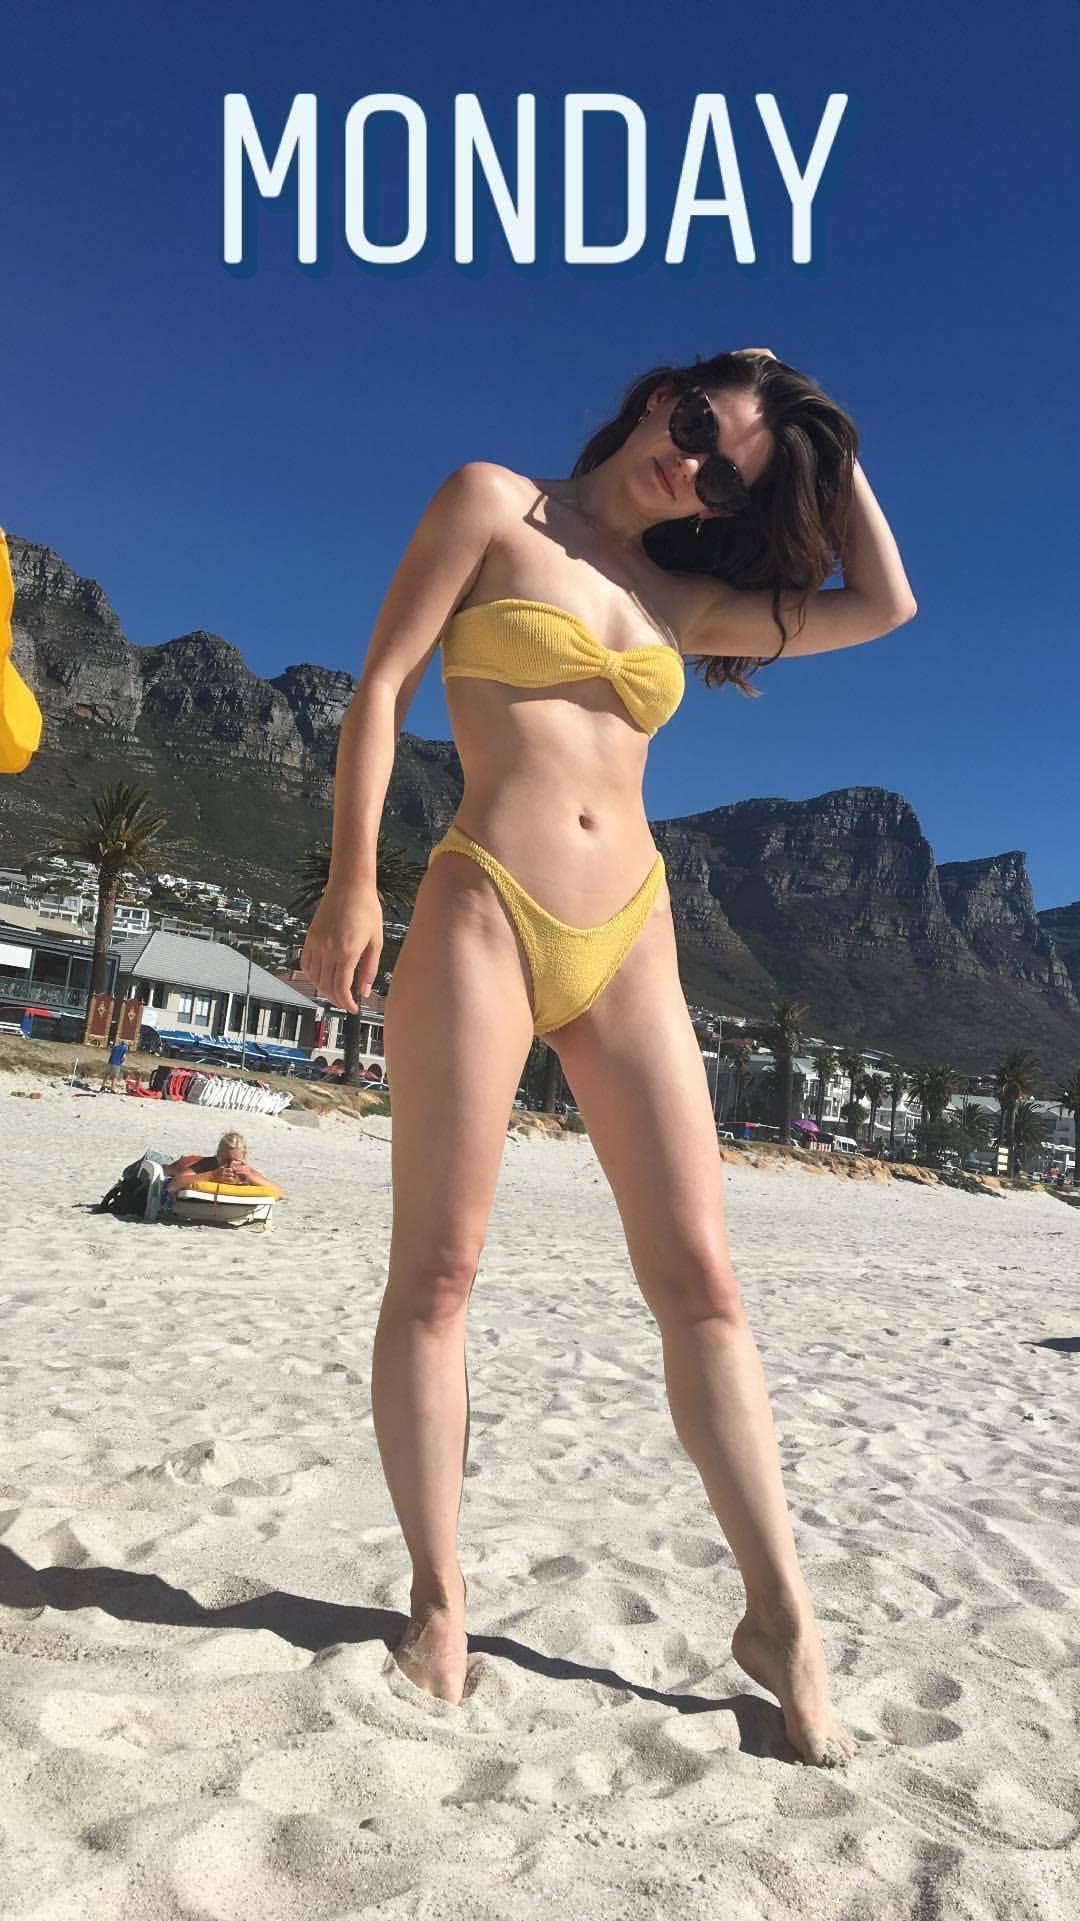 Bikini Sai Bennett nude photos 2019